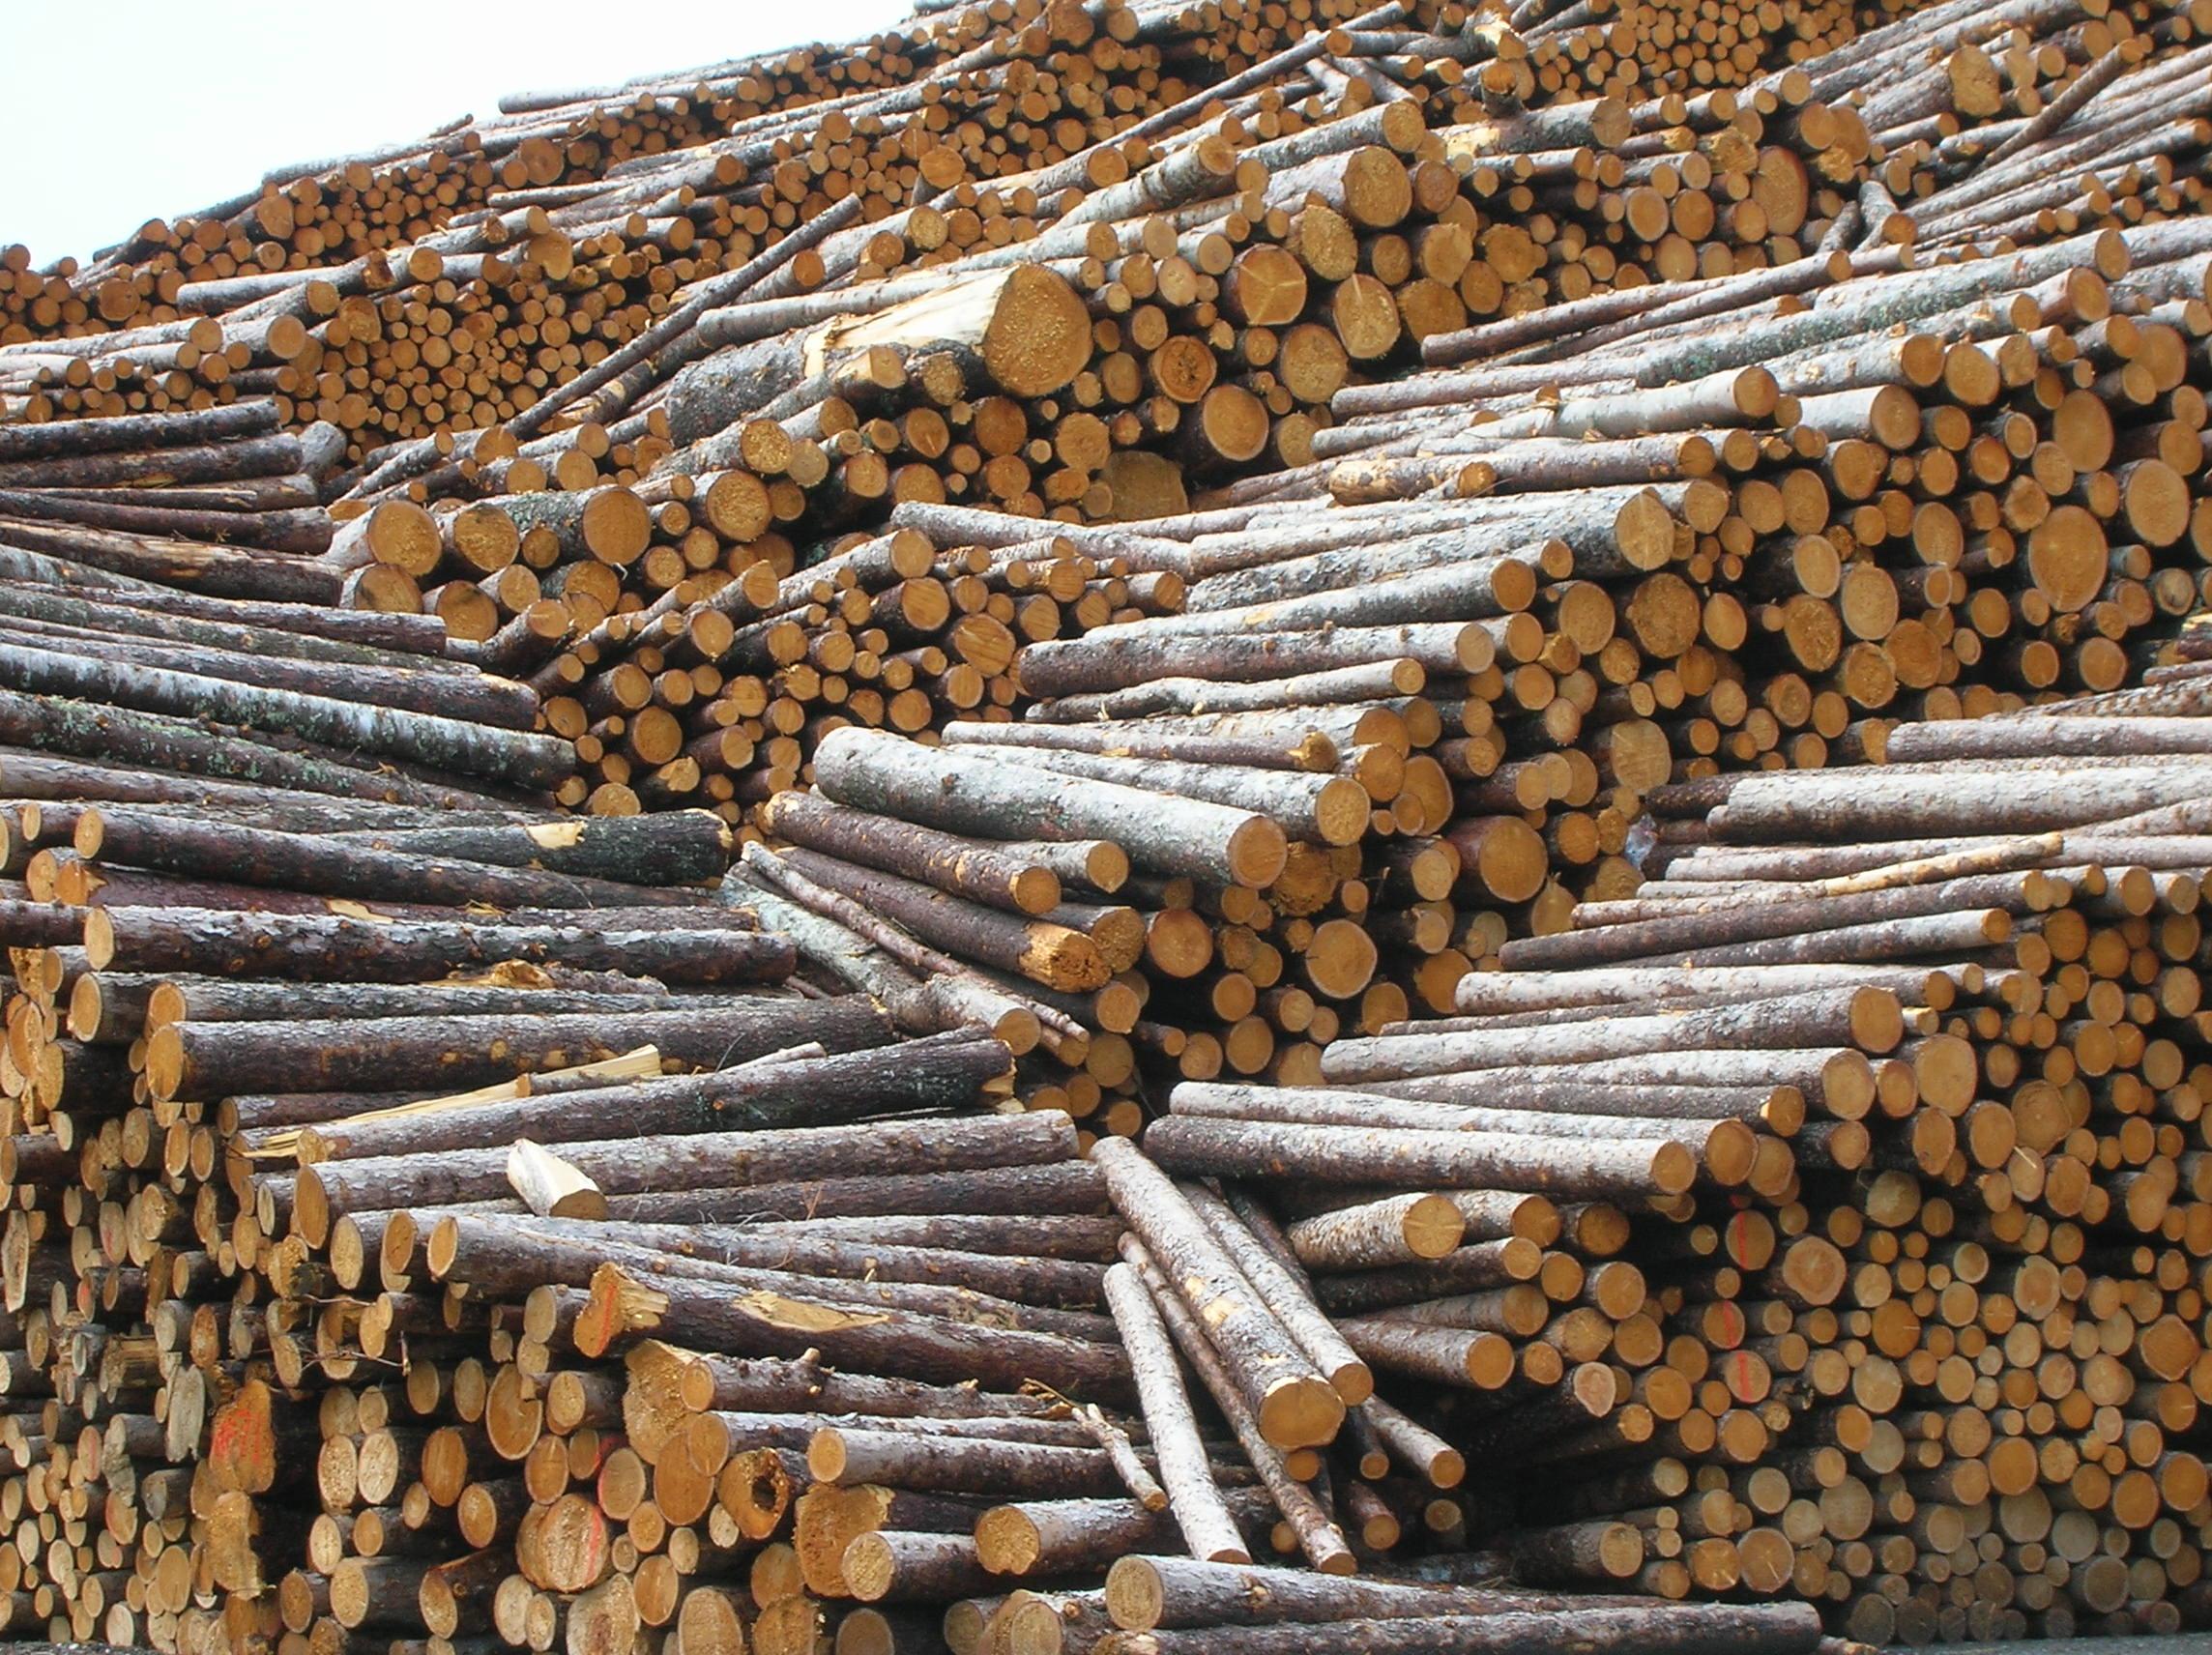 מחסן עצים רחובות